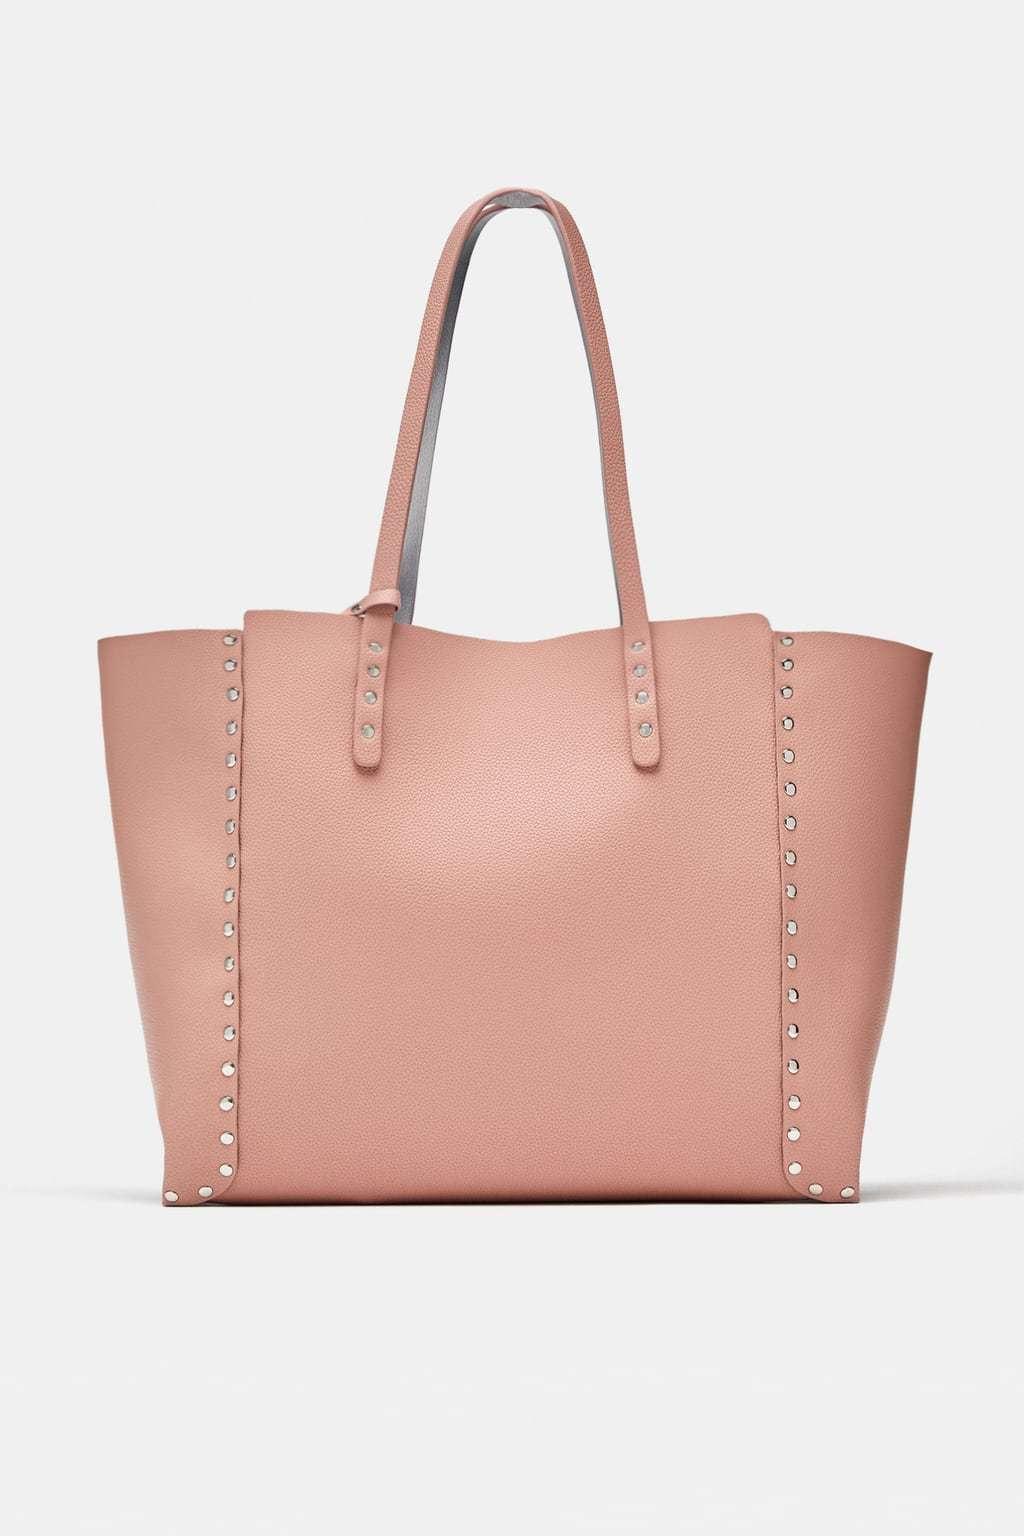 Bolso shopper con tachuelas, de Zara (25,95 euros).